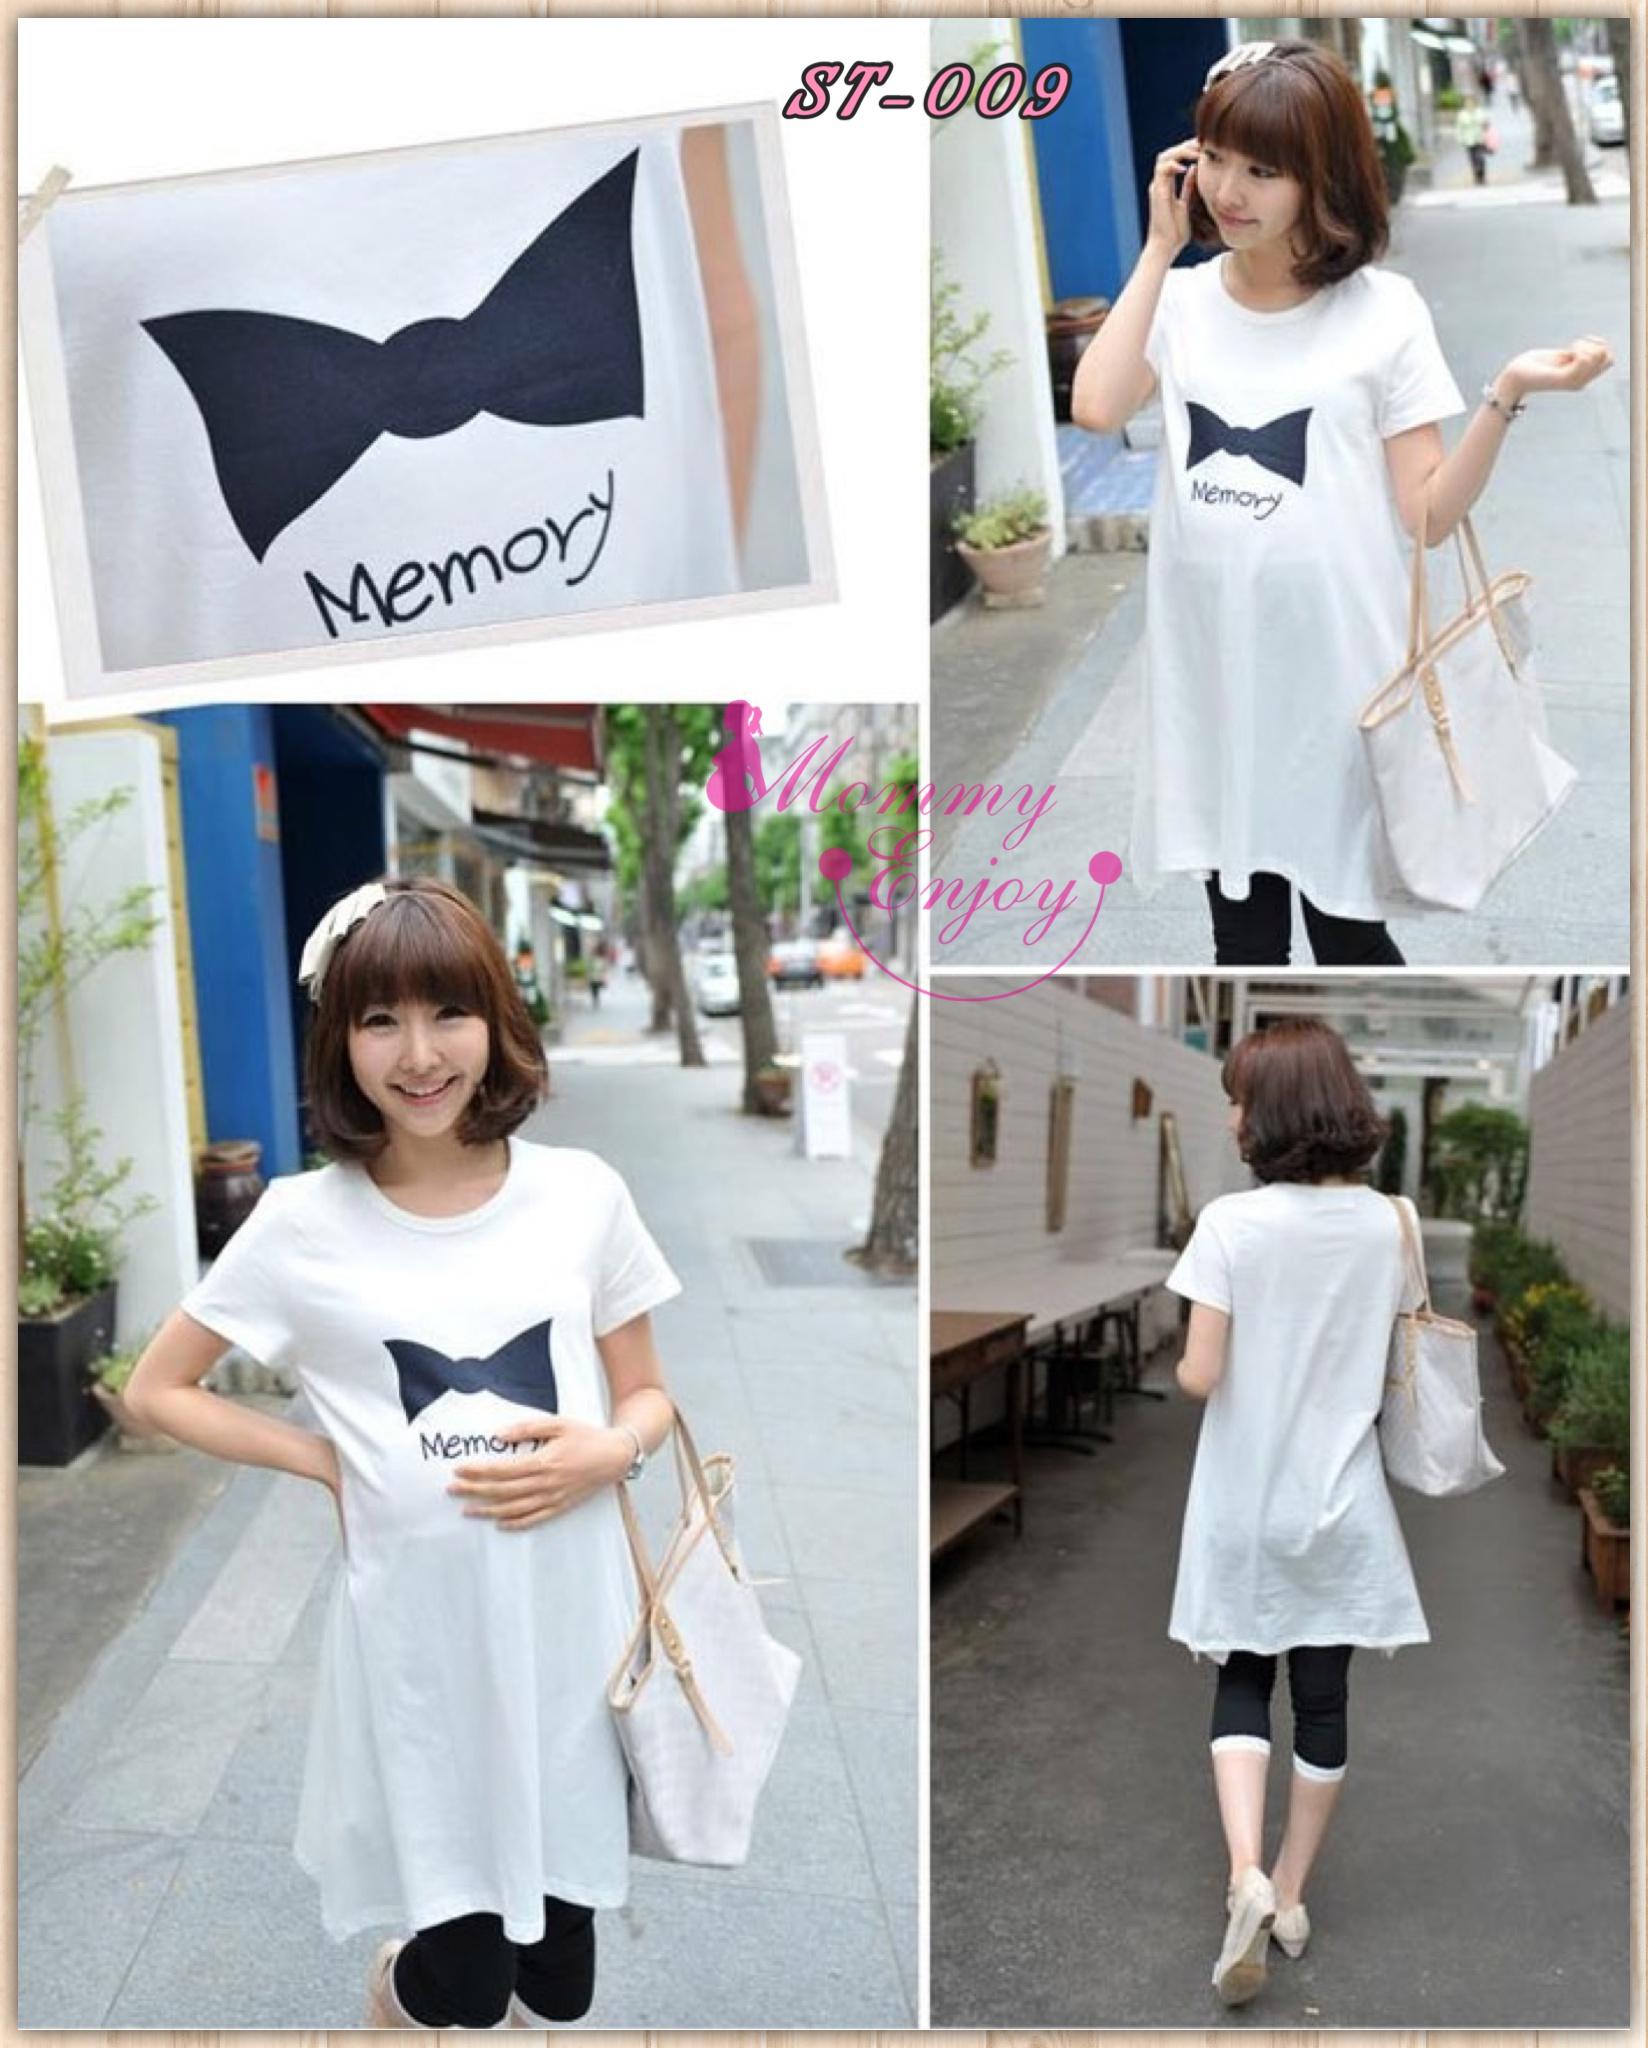 เสื้อคลุมท้อง สีขาว ผ้านิ่มใส่สบาย memory L,XL